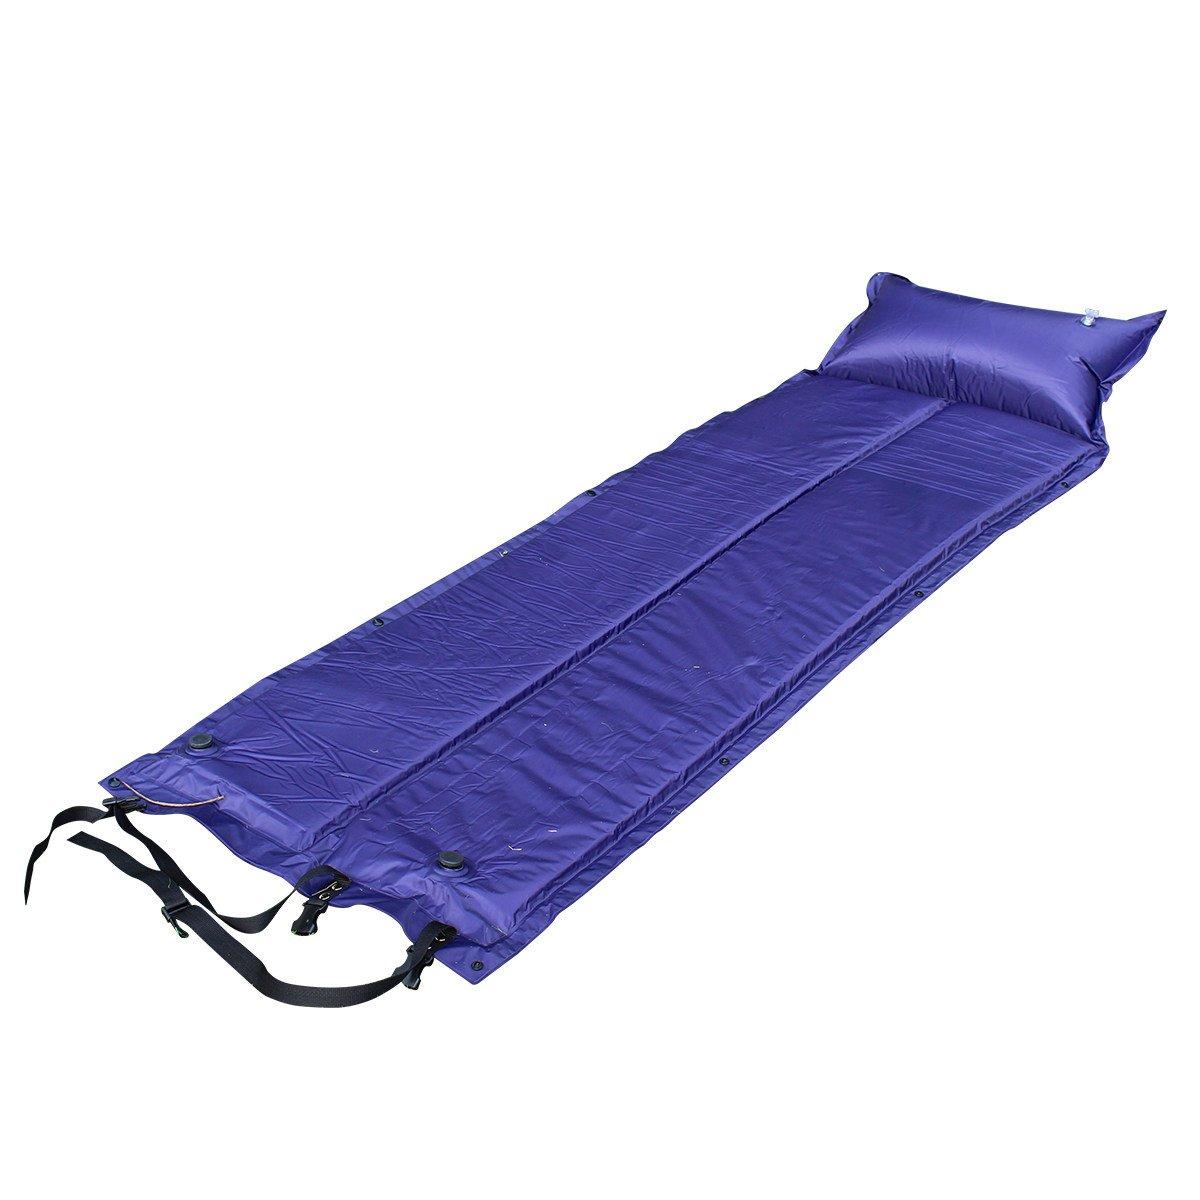 Outdoor Camping Camping Mit Kissen Auto Aufblasbare Matte Feuchtigkeit Pad Pad Zelt Kissen,A1